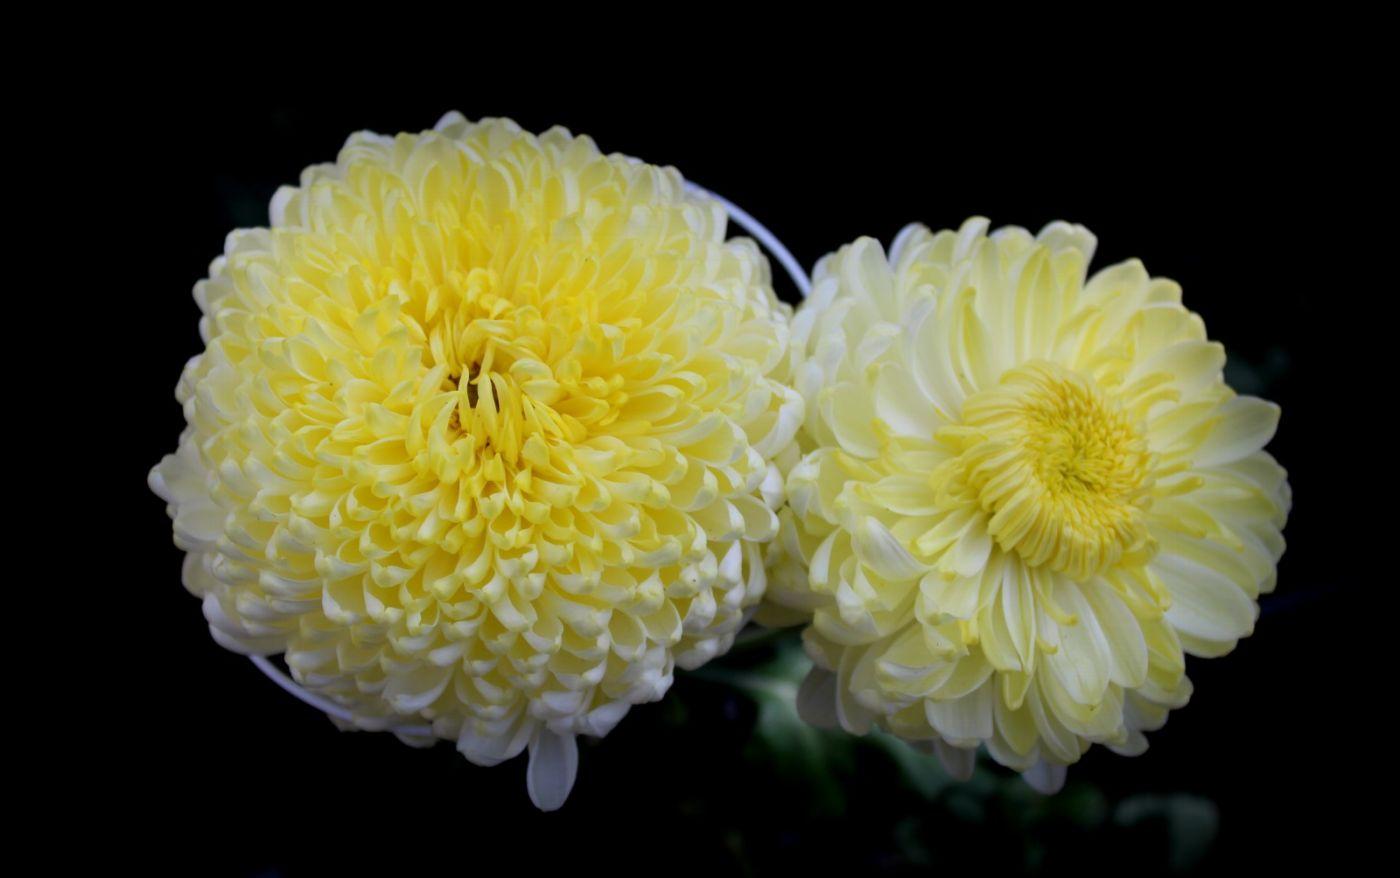 植物园日本菊花展_图1-21